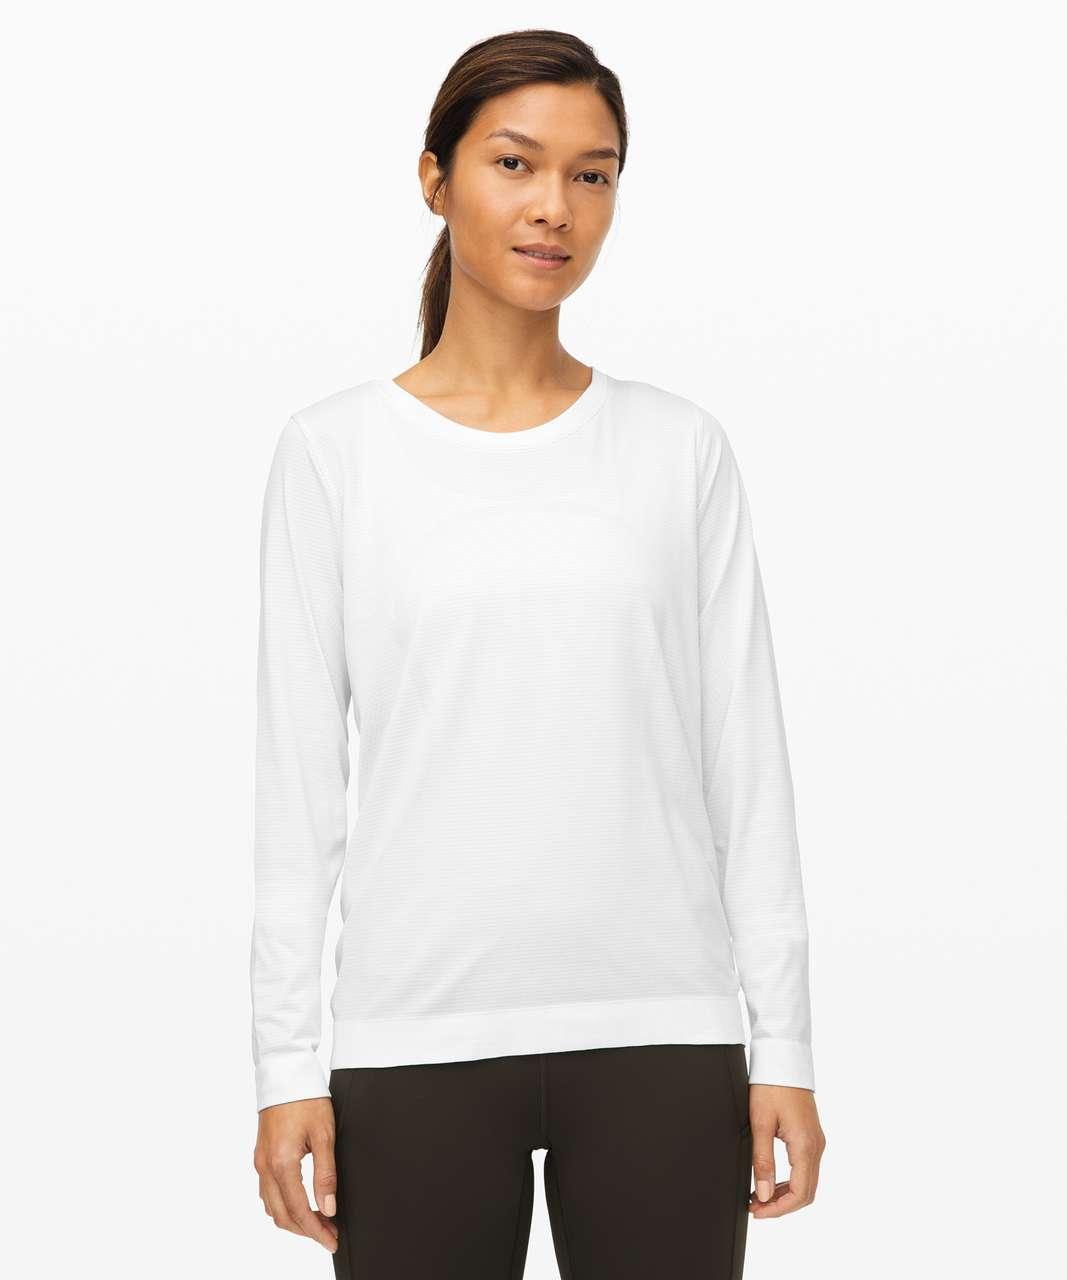 Lululemon Swiftly Relaxed Long Sleeve - White / White